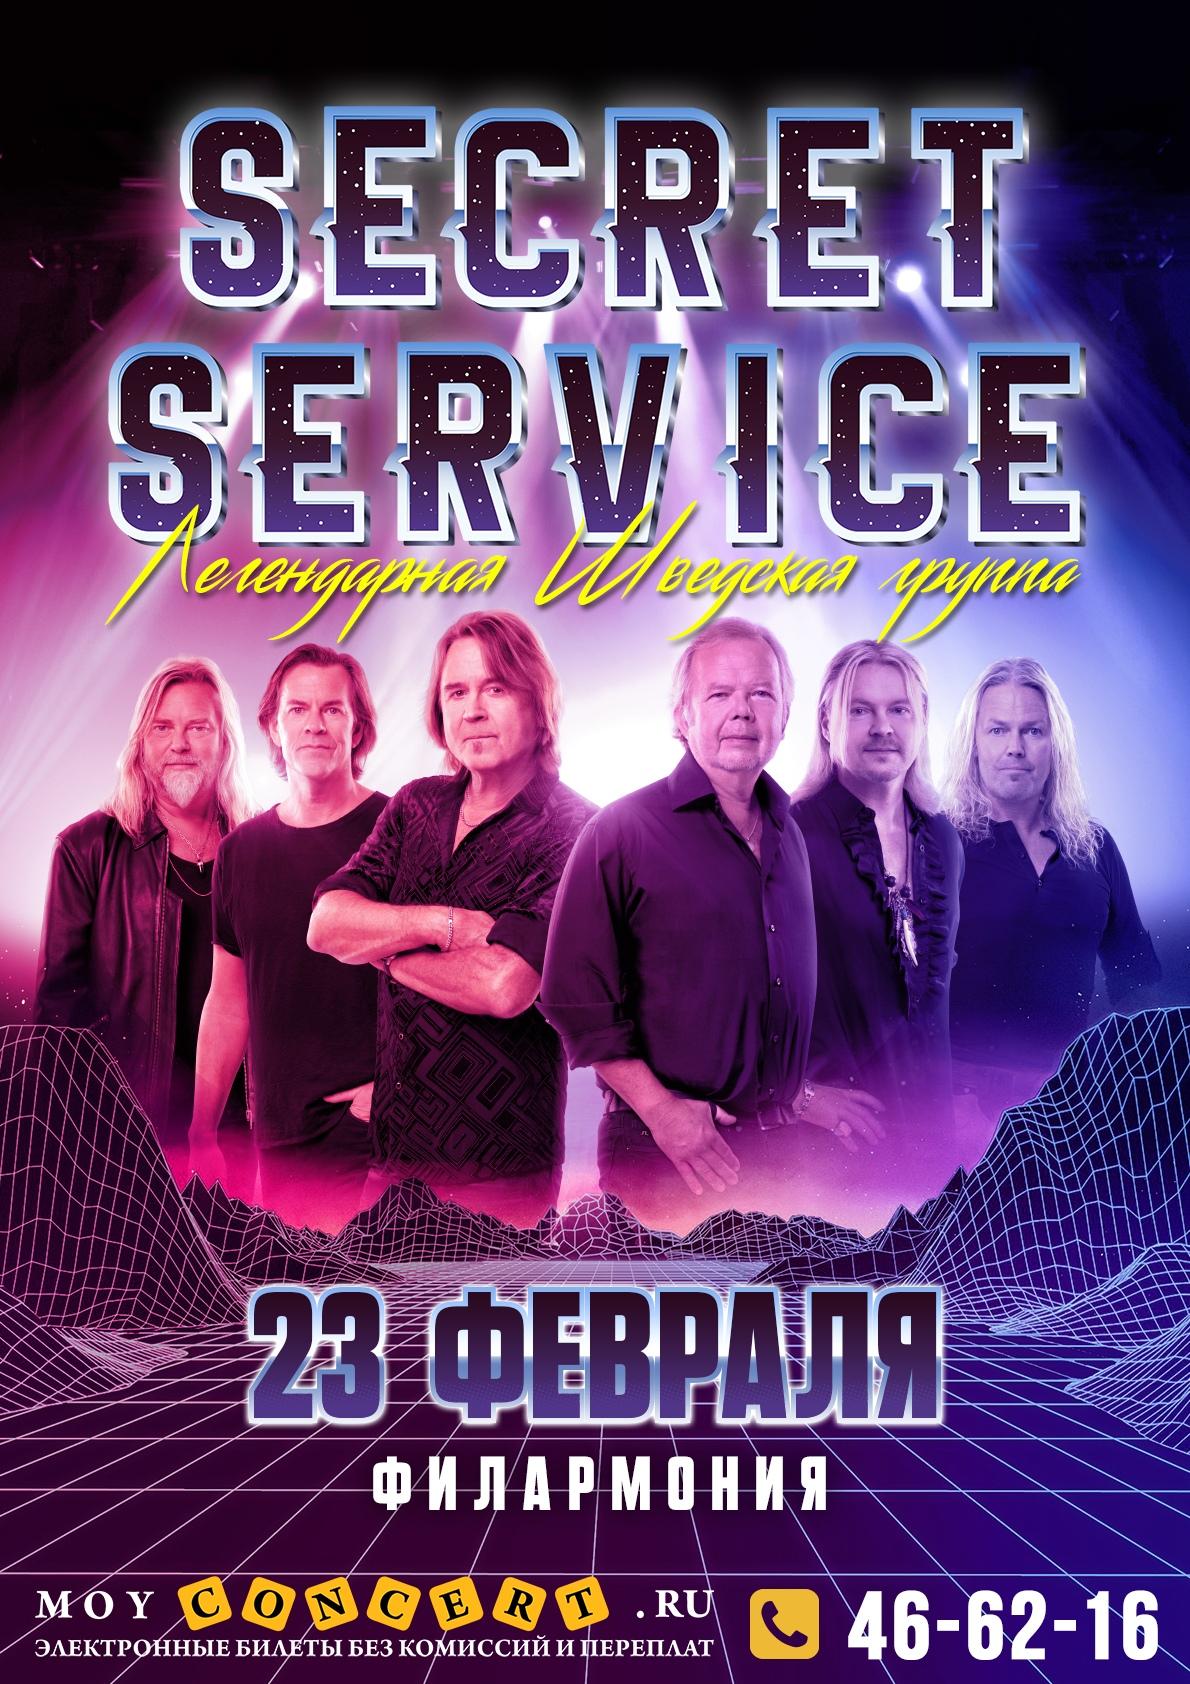 Концерт шведской группы SECRET SERVICE курган афиша расписание